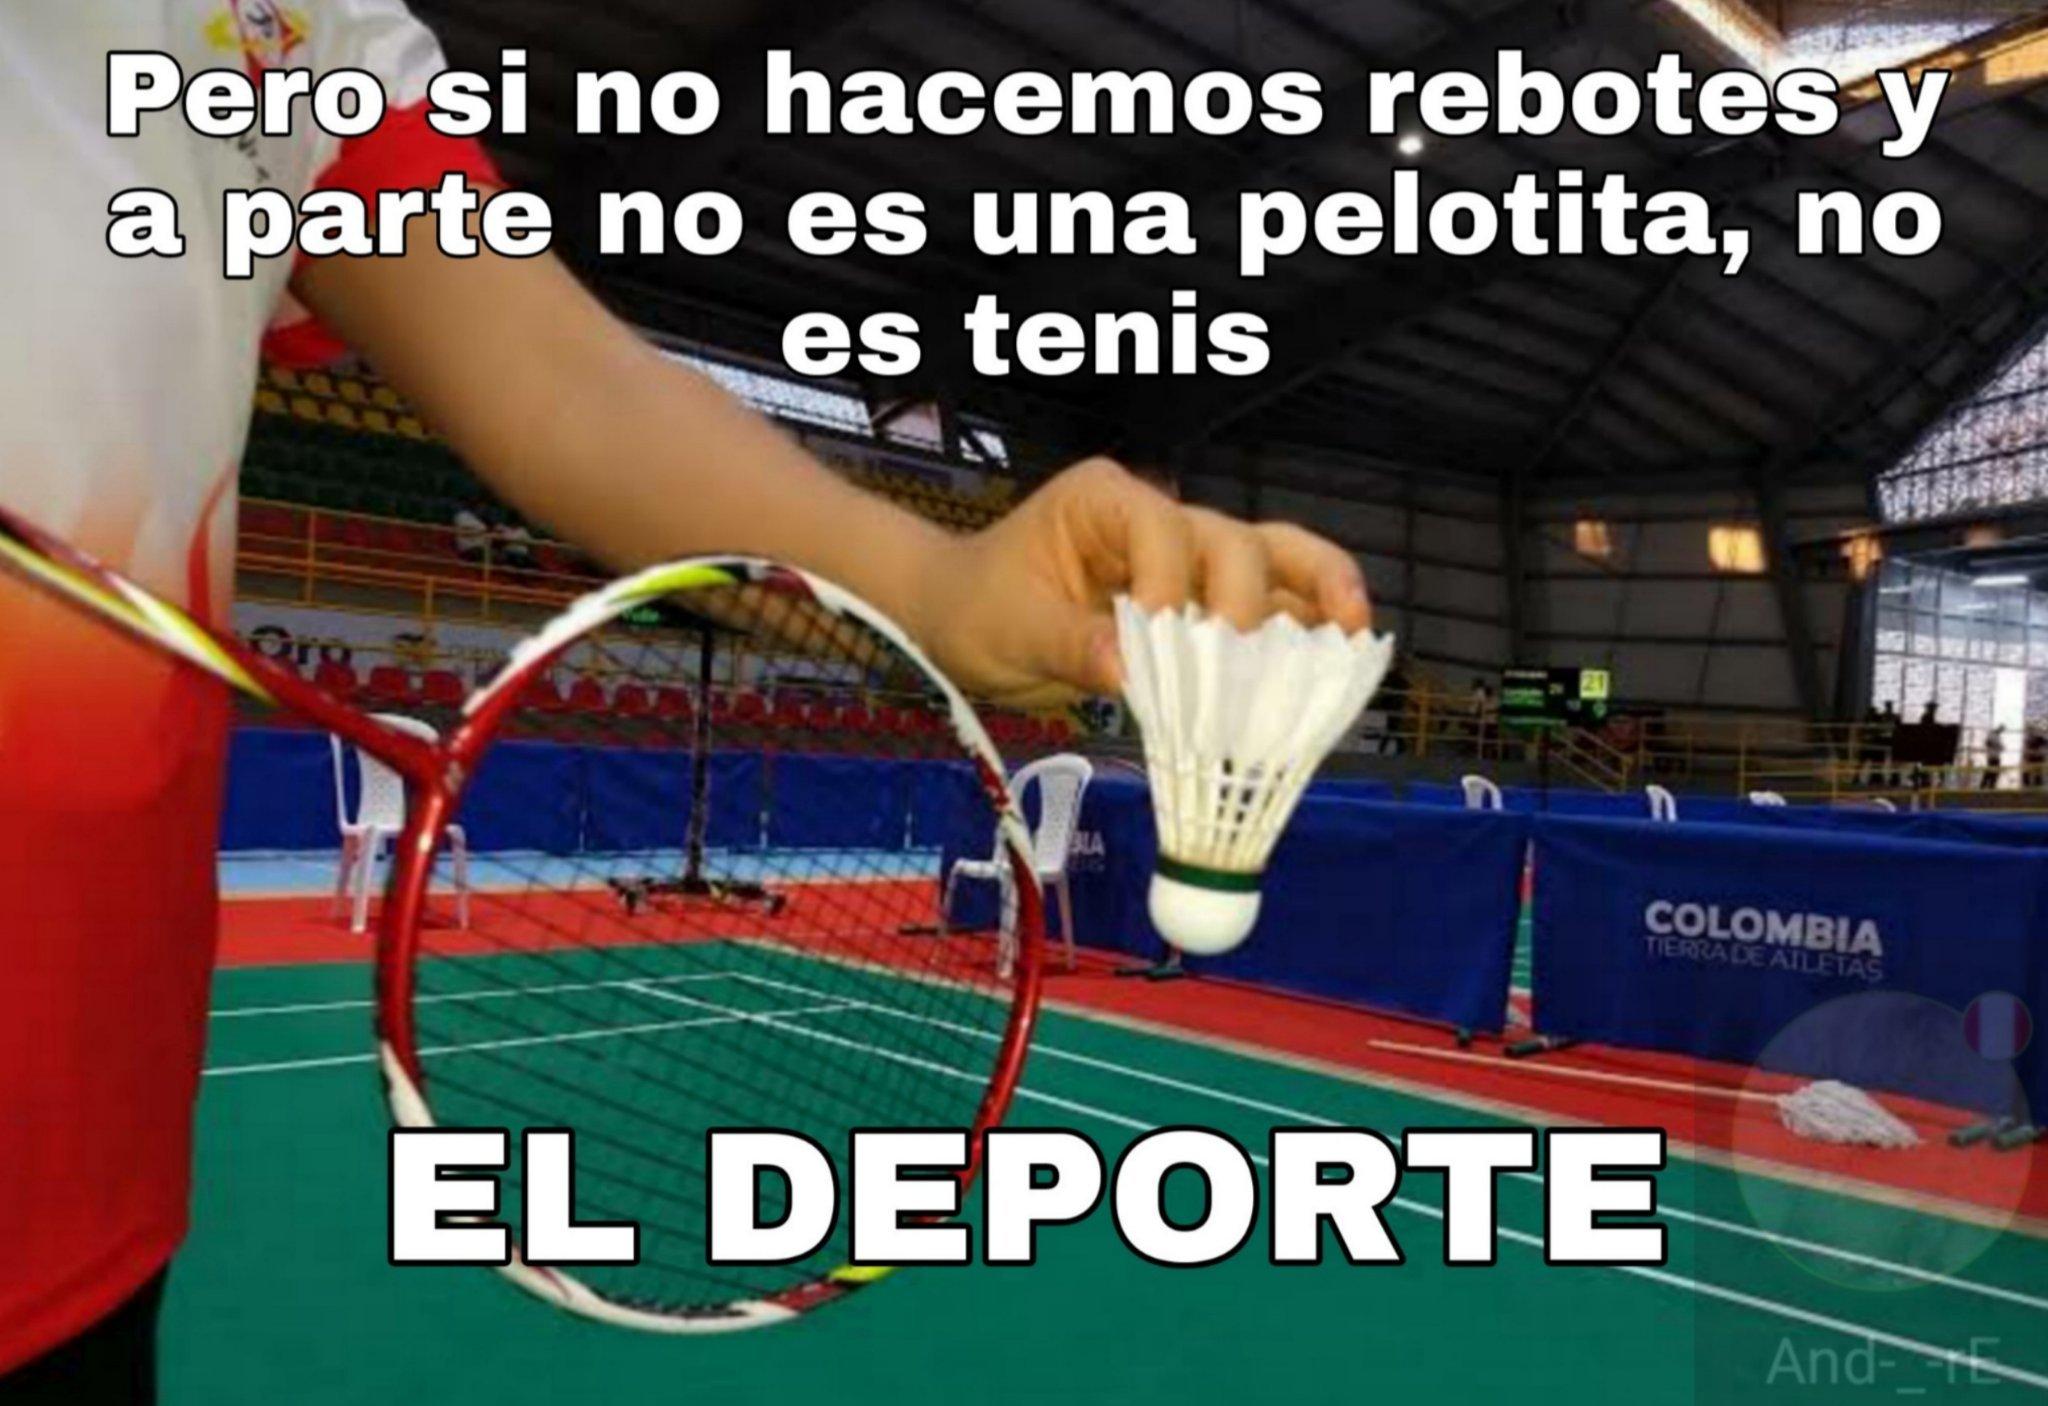 Badminton, como todos somos tercermundistas, nadie reconocerá alguna diferencia, aunque casi no tienen. - meme